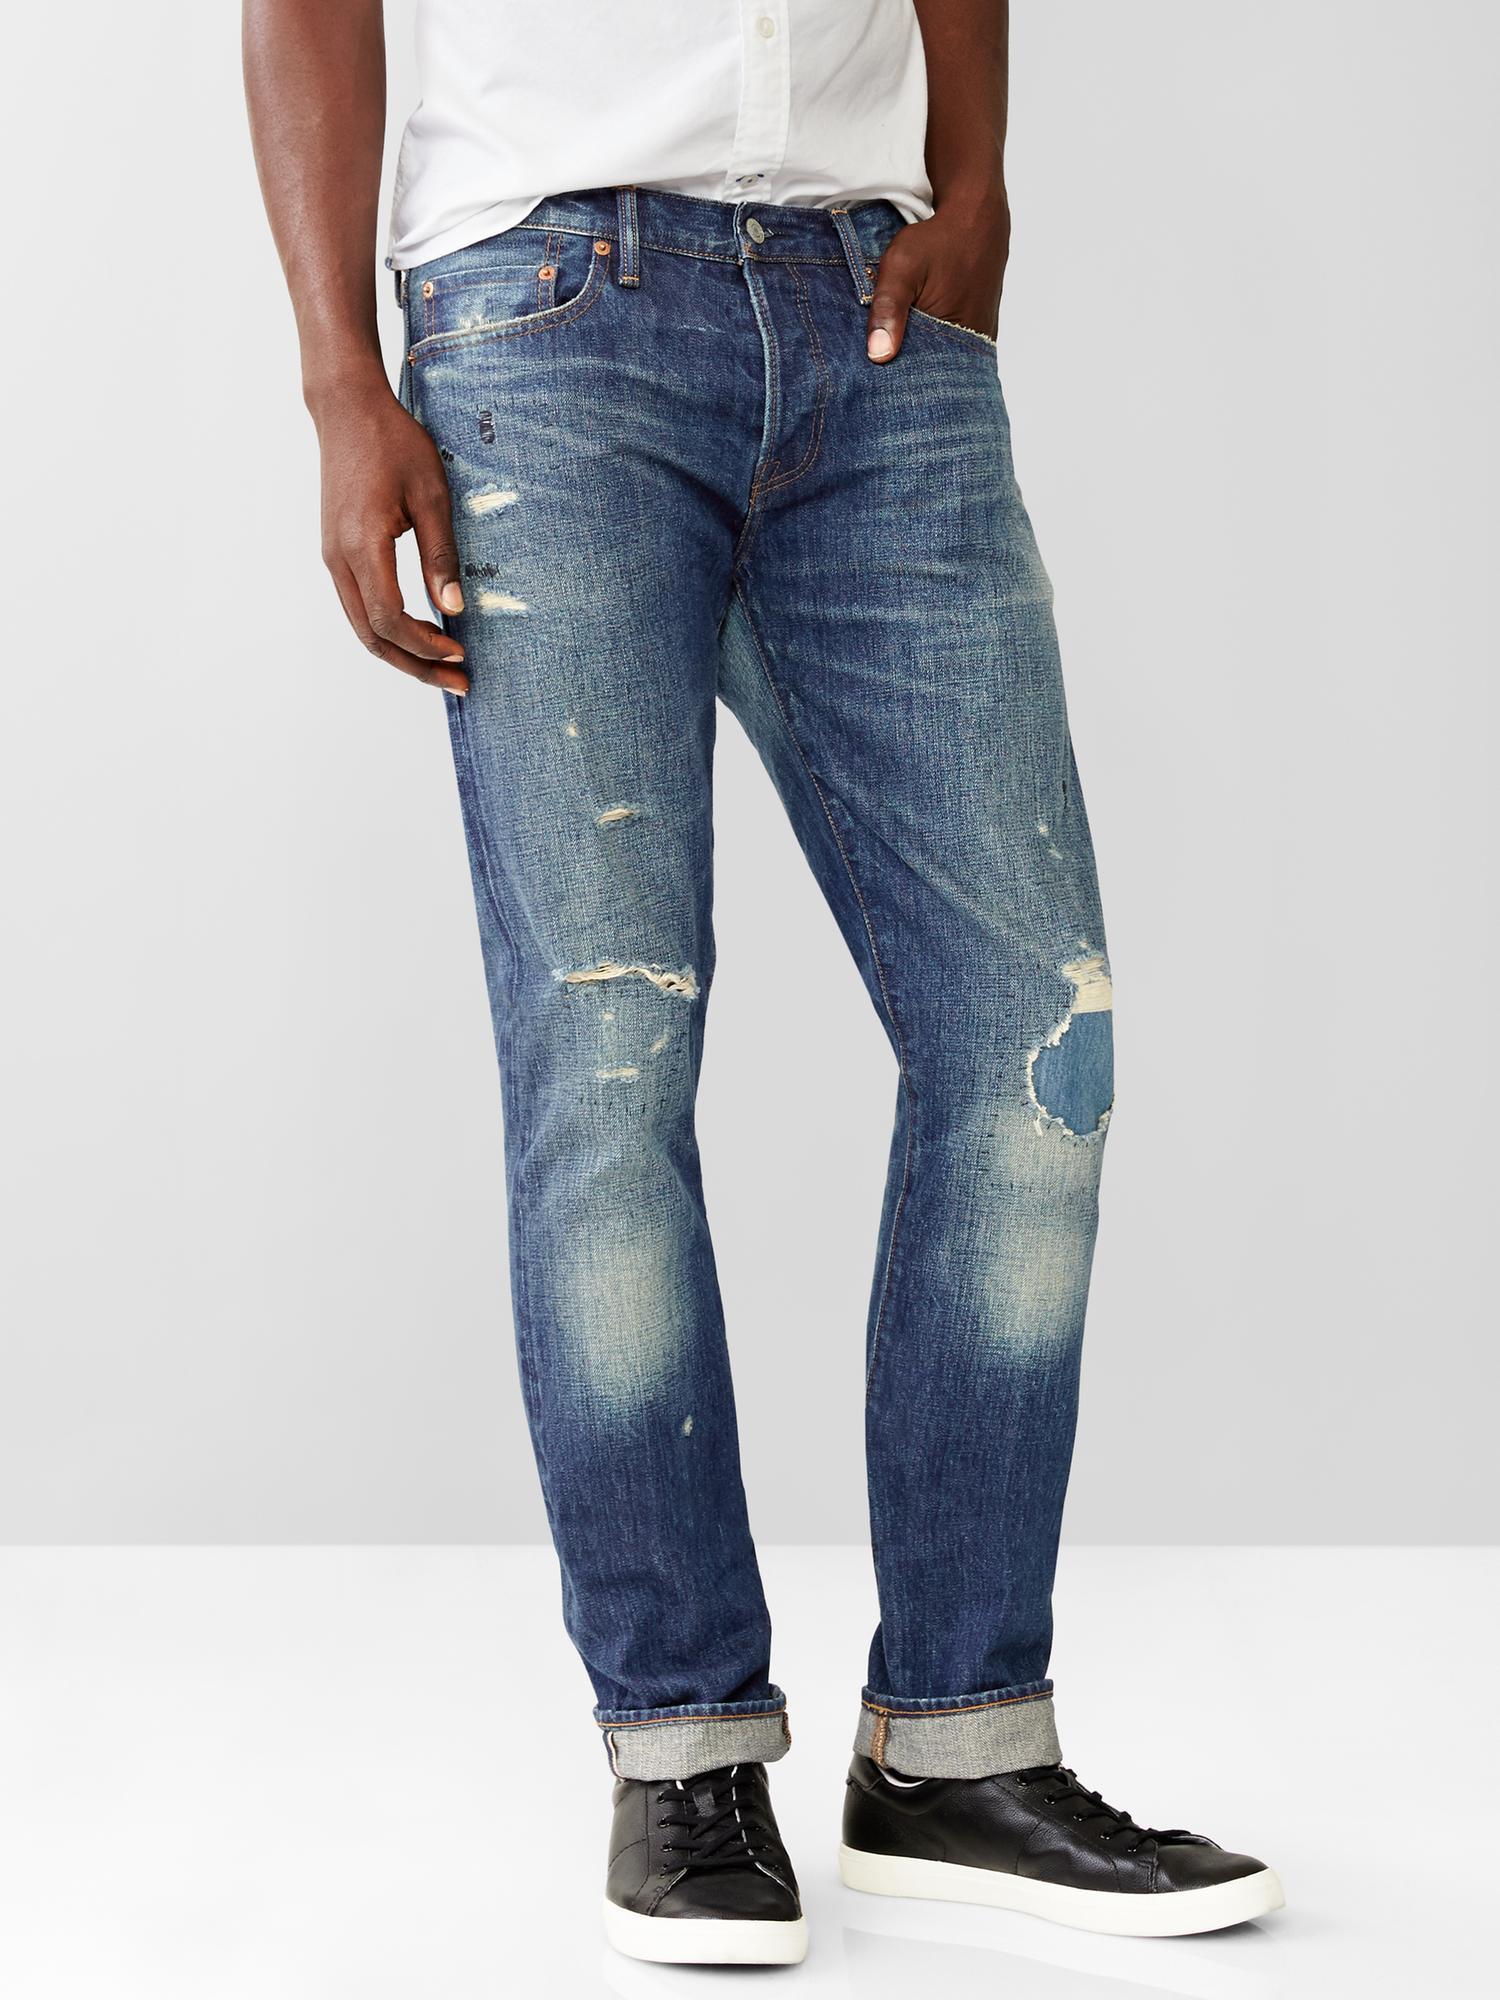 Jusqu'à -50% sur une sélection de vêtements + 20% de réduction supplémentaires - Ex : Jean 1969 Skinny Fit